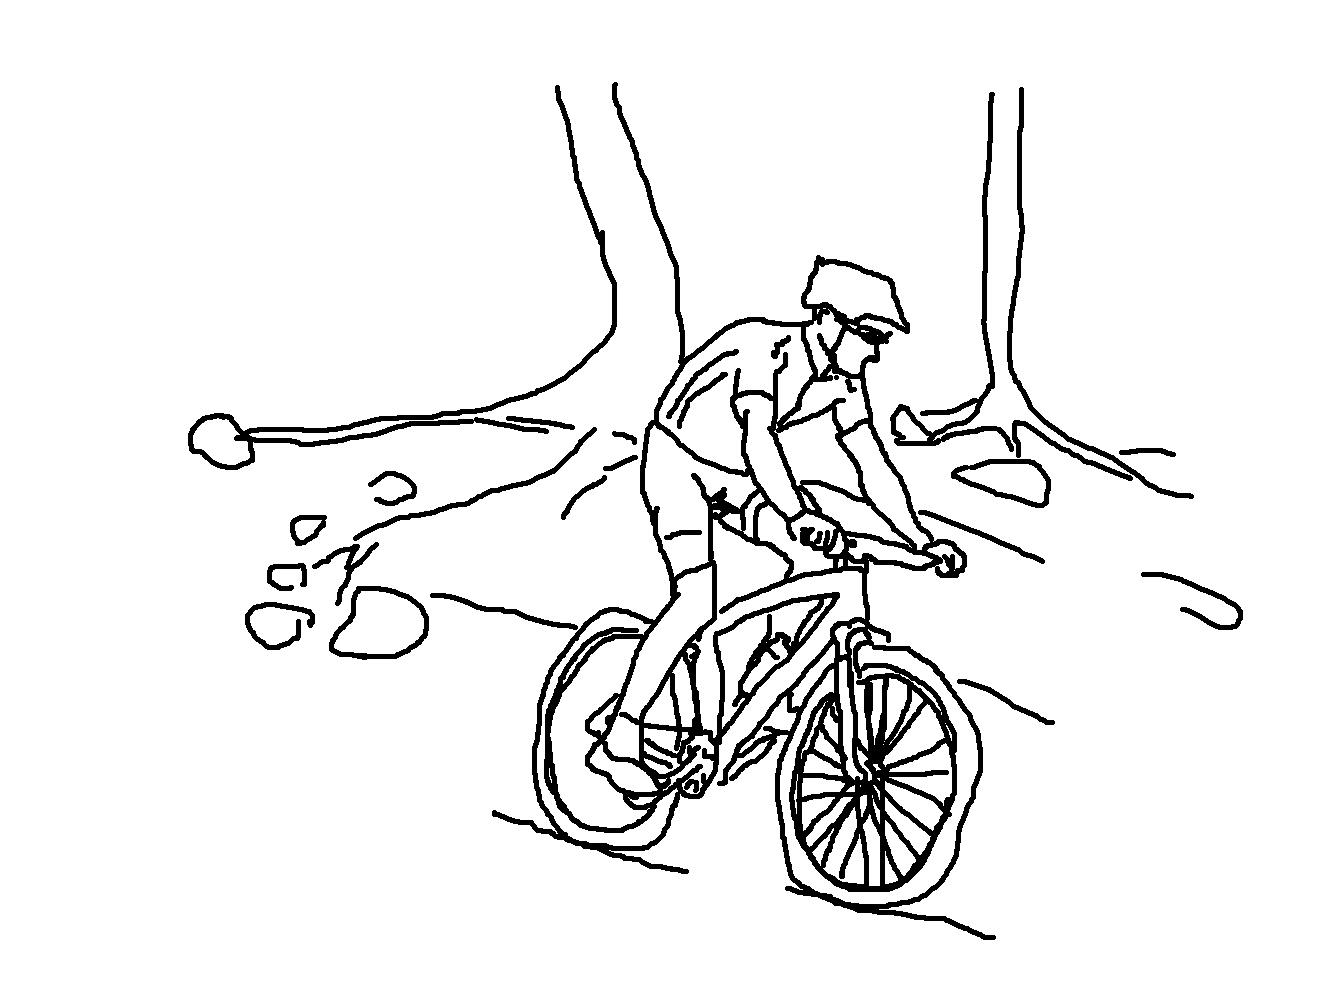 Favorito Aree protette del Po Torinese: Novità: Pedali e sentieri. La  RX56